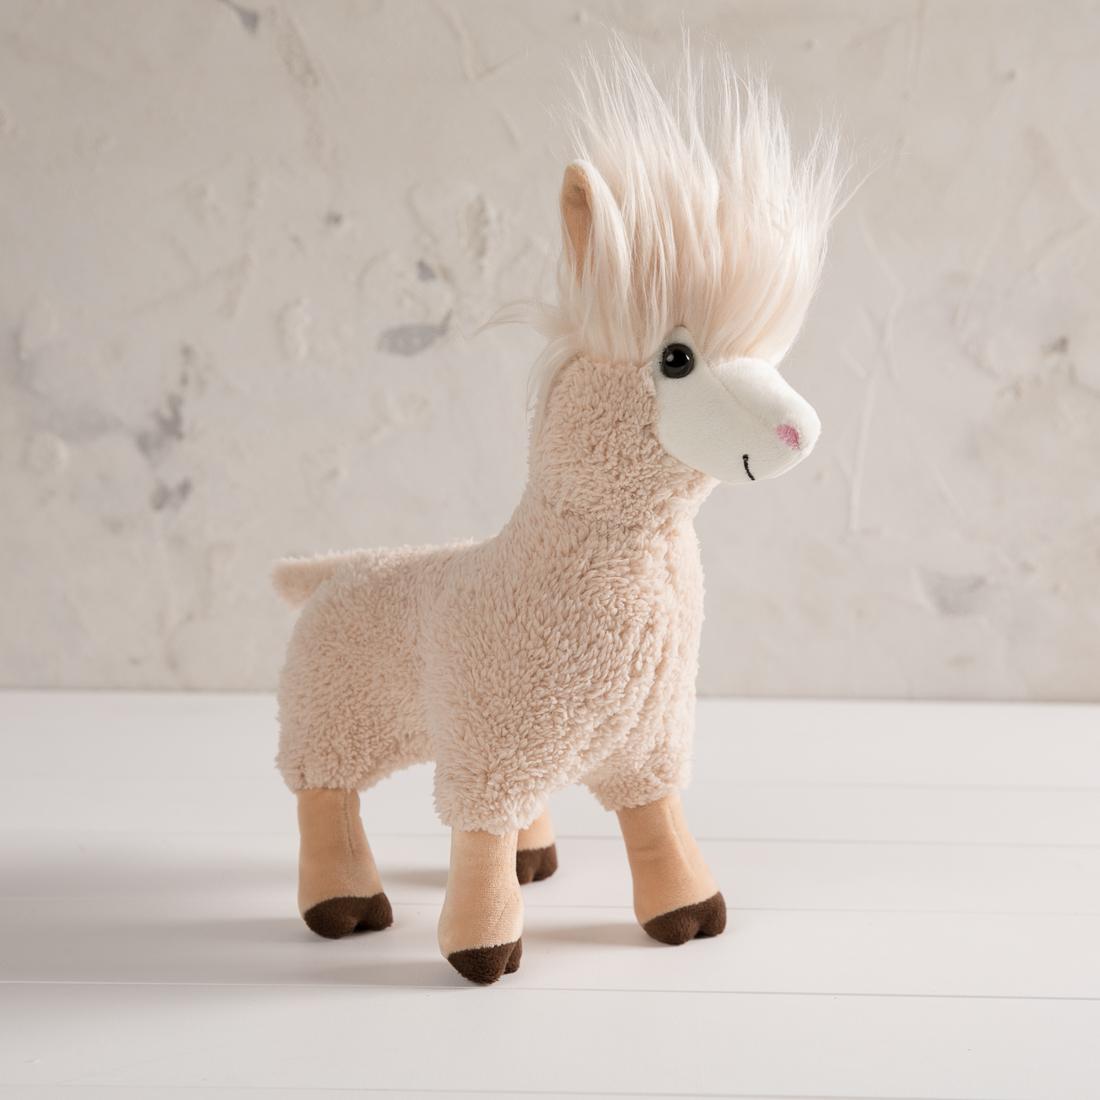 Fluffy Plush Llama